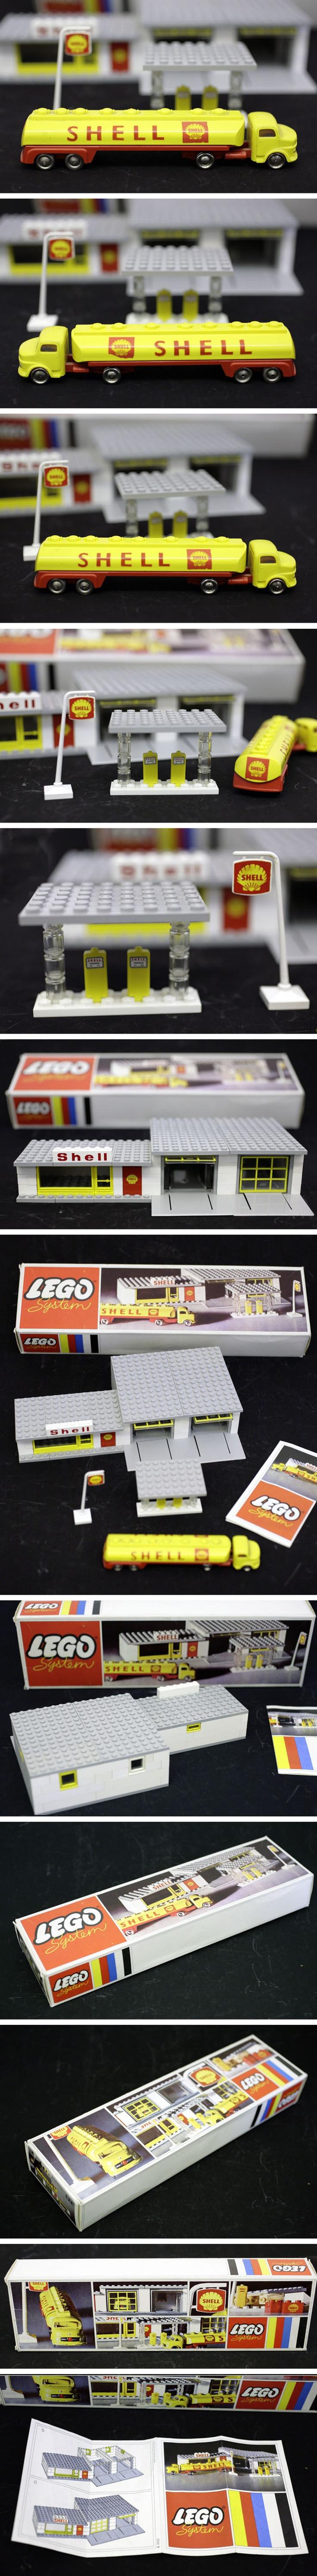 prada tasche shopper neu original prada bag shell gas station and lego. Black Bedroom Furniture Sets. Home Design Ideas